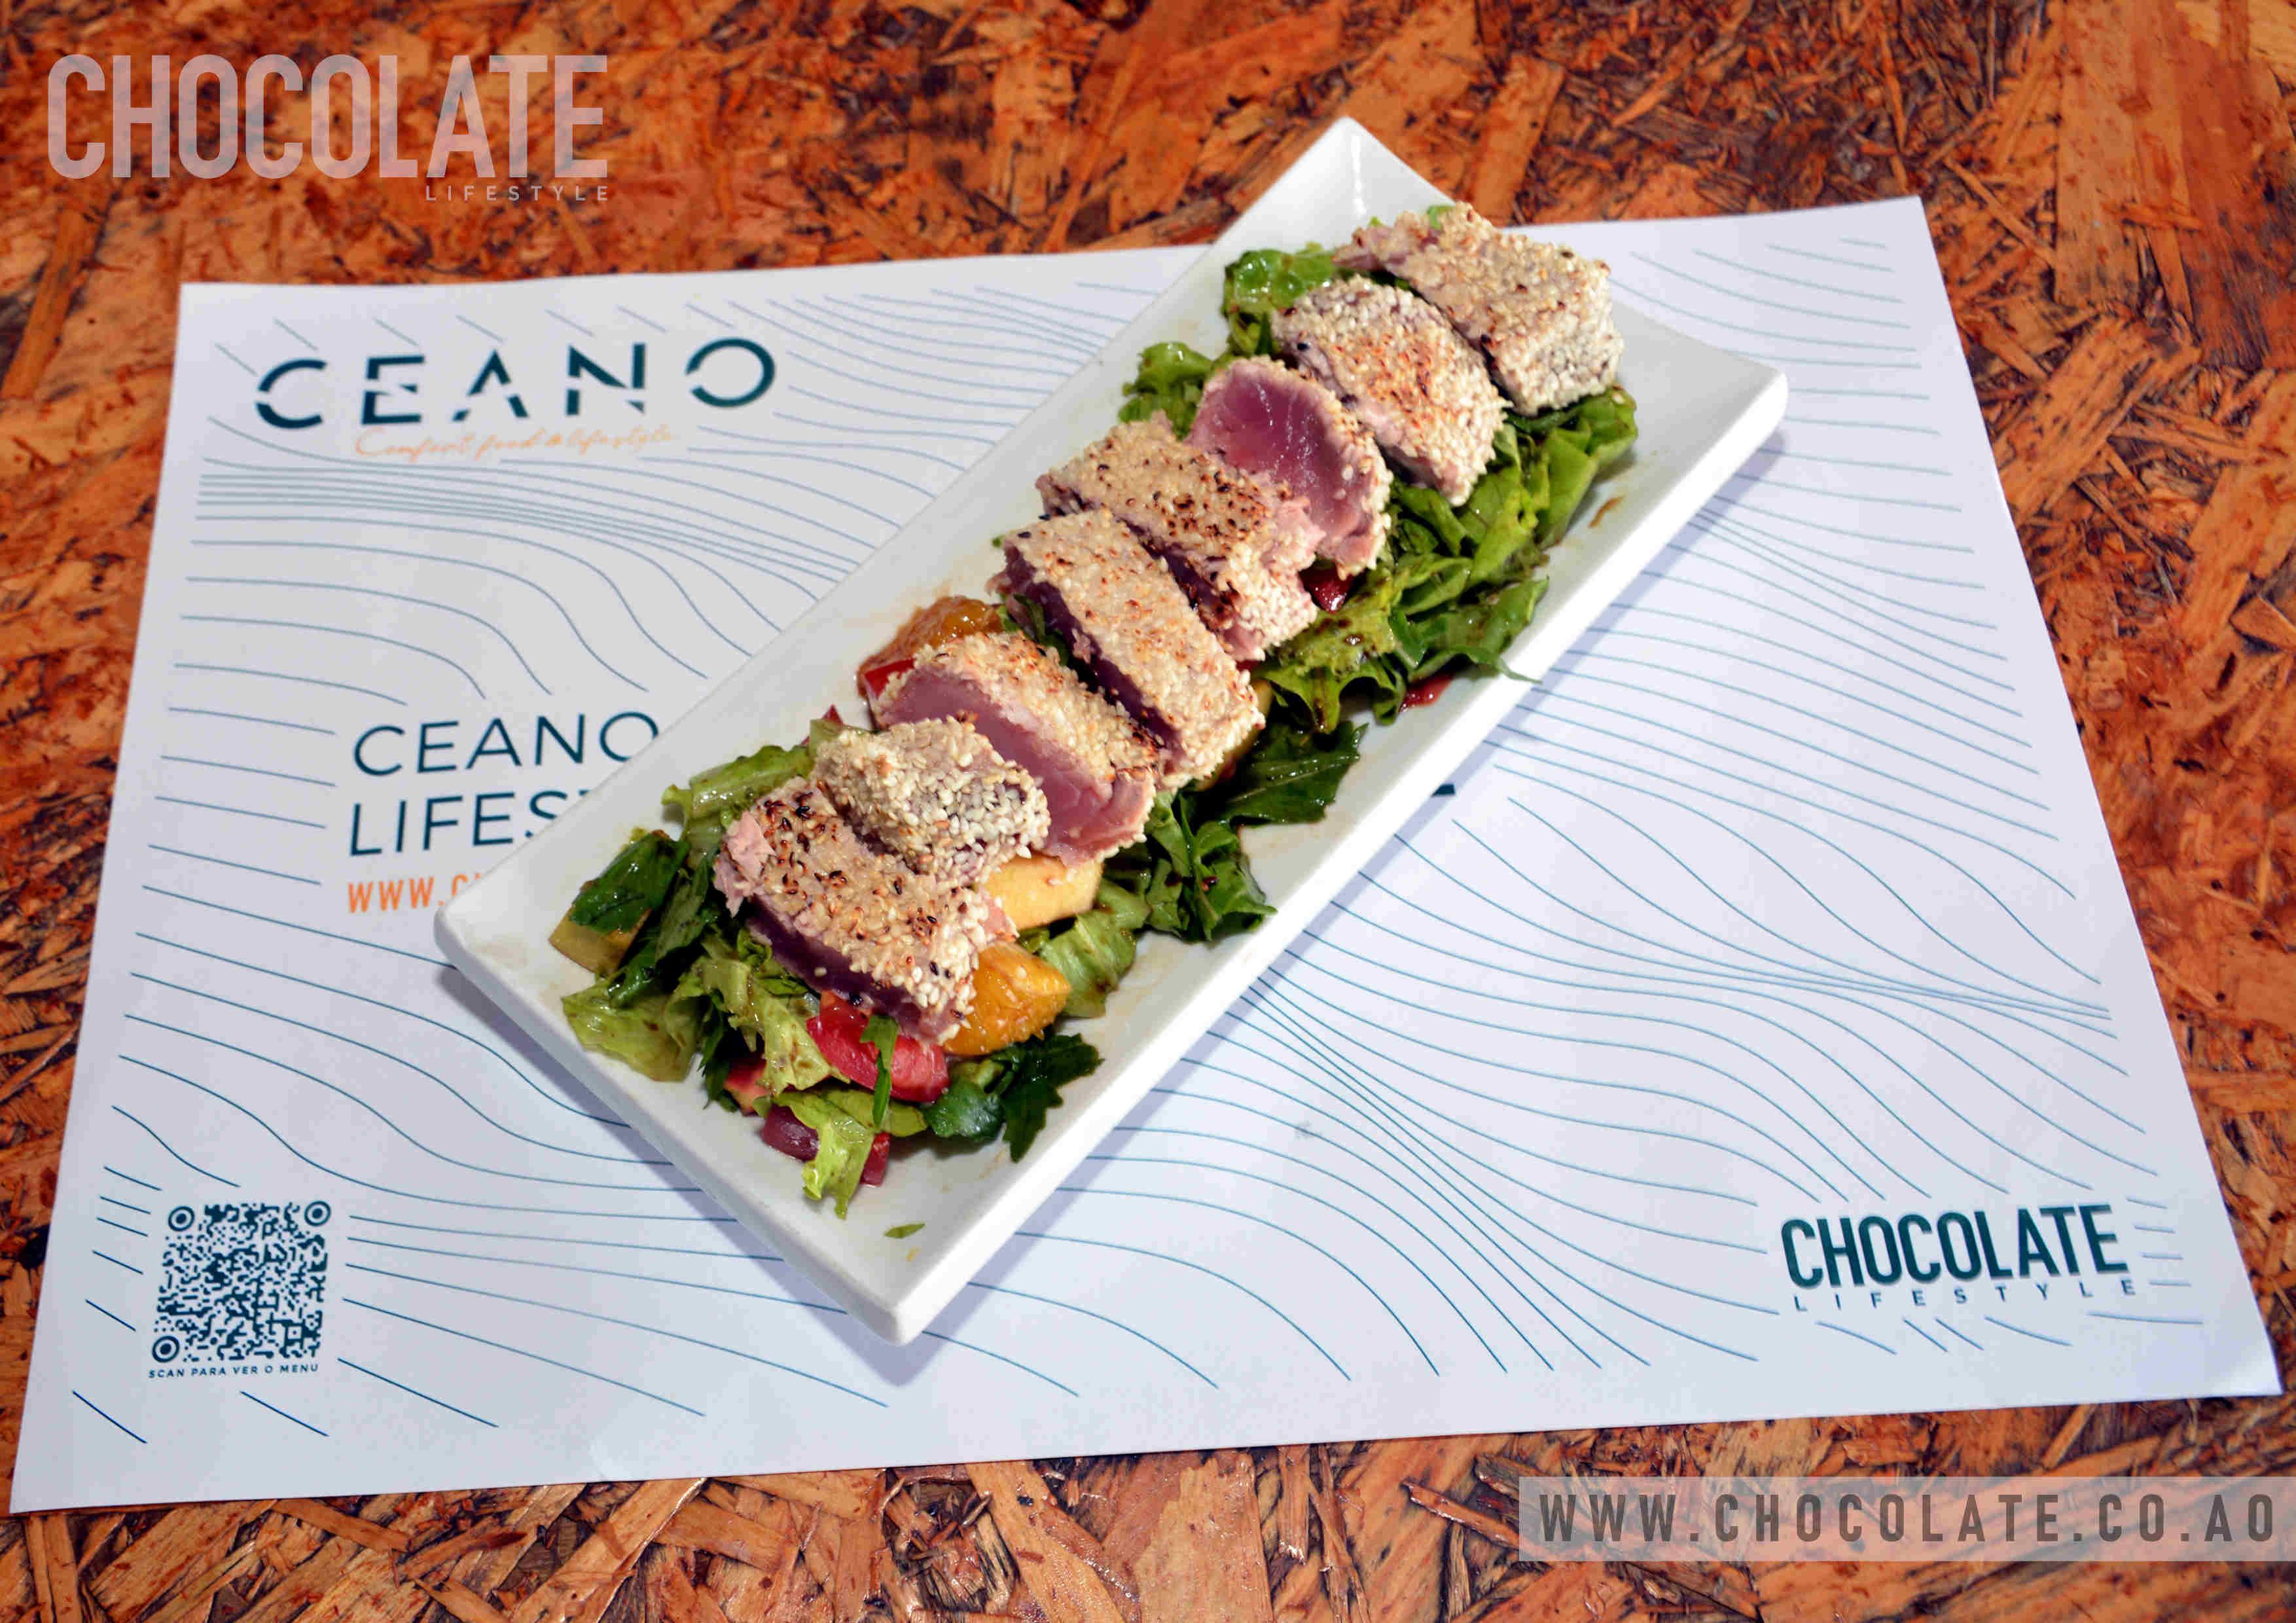 A Chocolate Lifestyle une-se ao restaurante Ceano para darem mais sabor ao seu estilo de vida